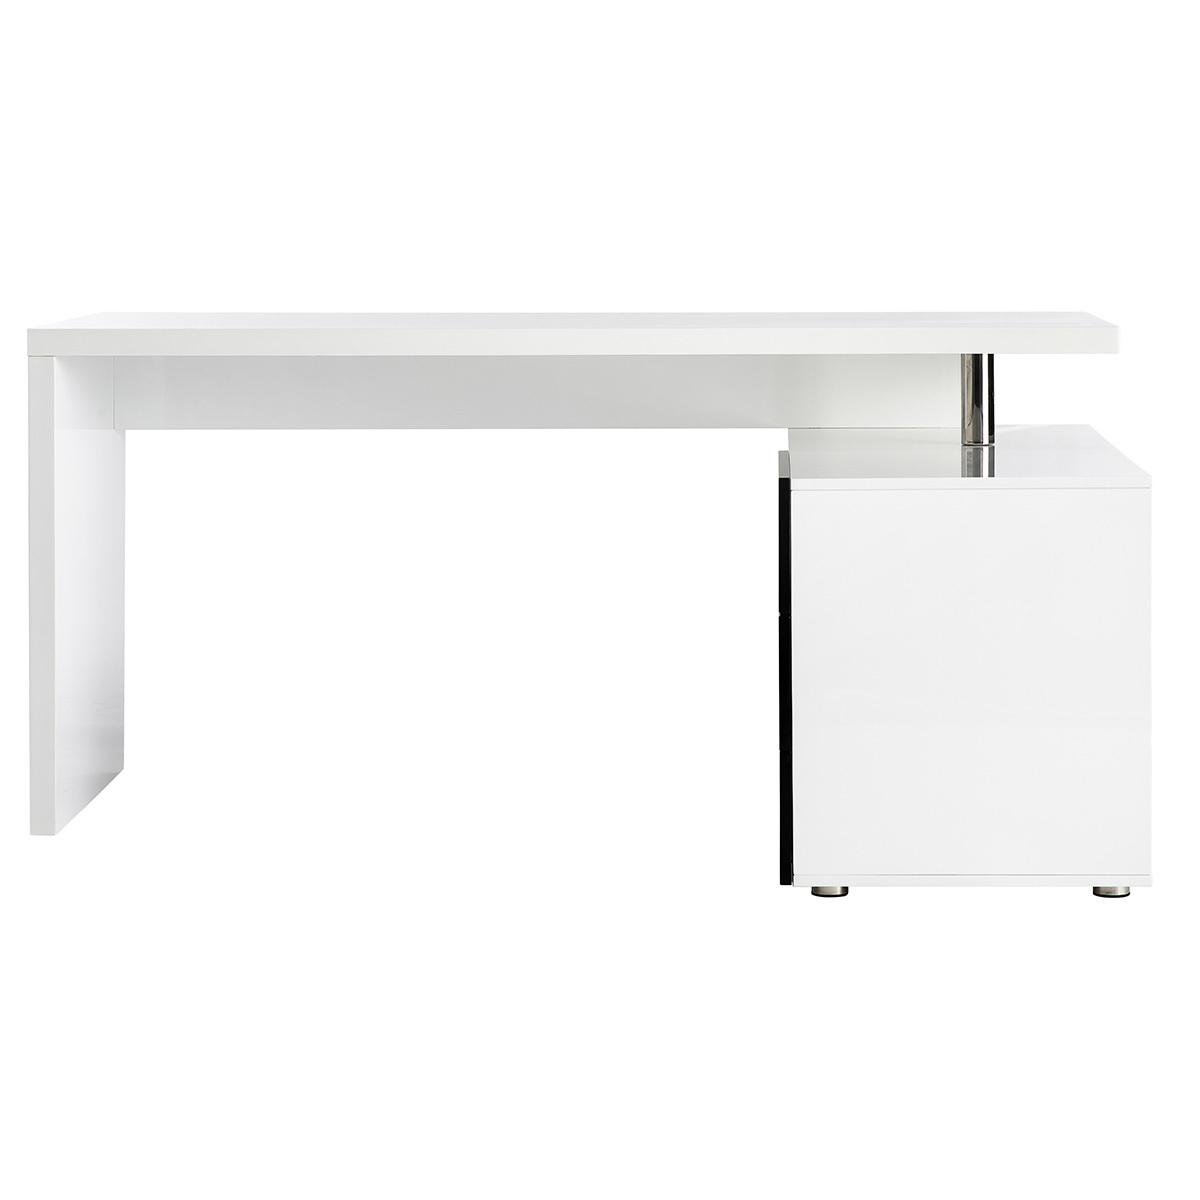 Scrivania design laccata bianca e nera cassettiera lato destro MAXI